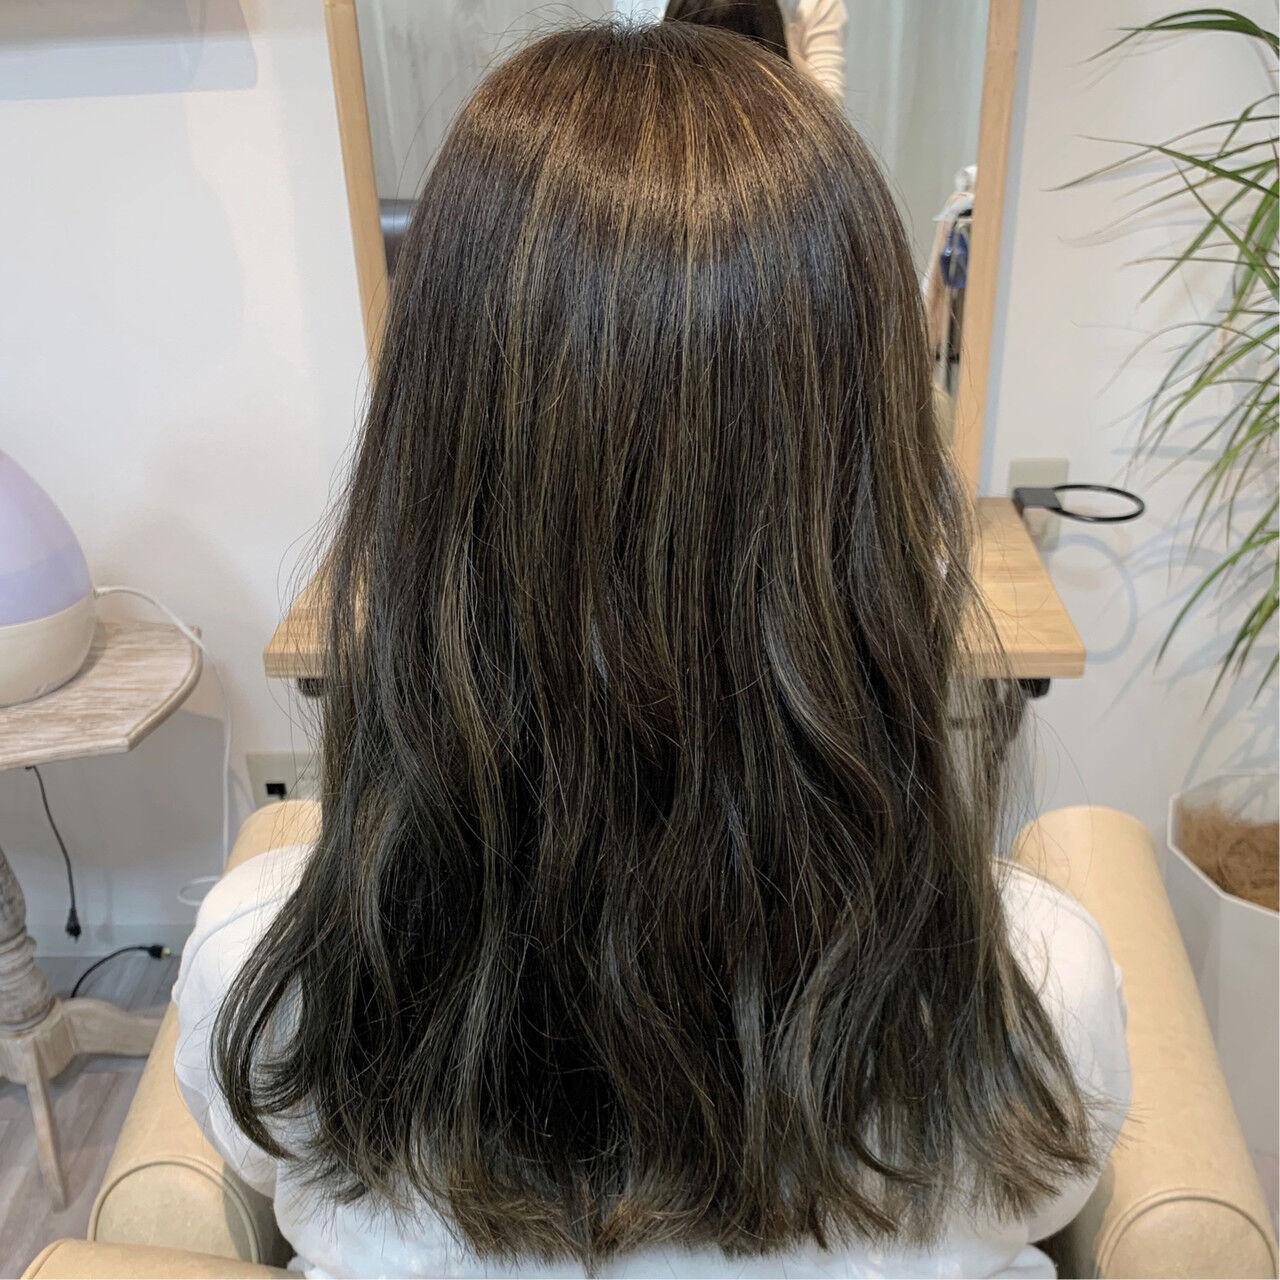 大人ハイライト フェミニン ハイライト マットグレージュヘアスタイルや髪型の写真・画像